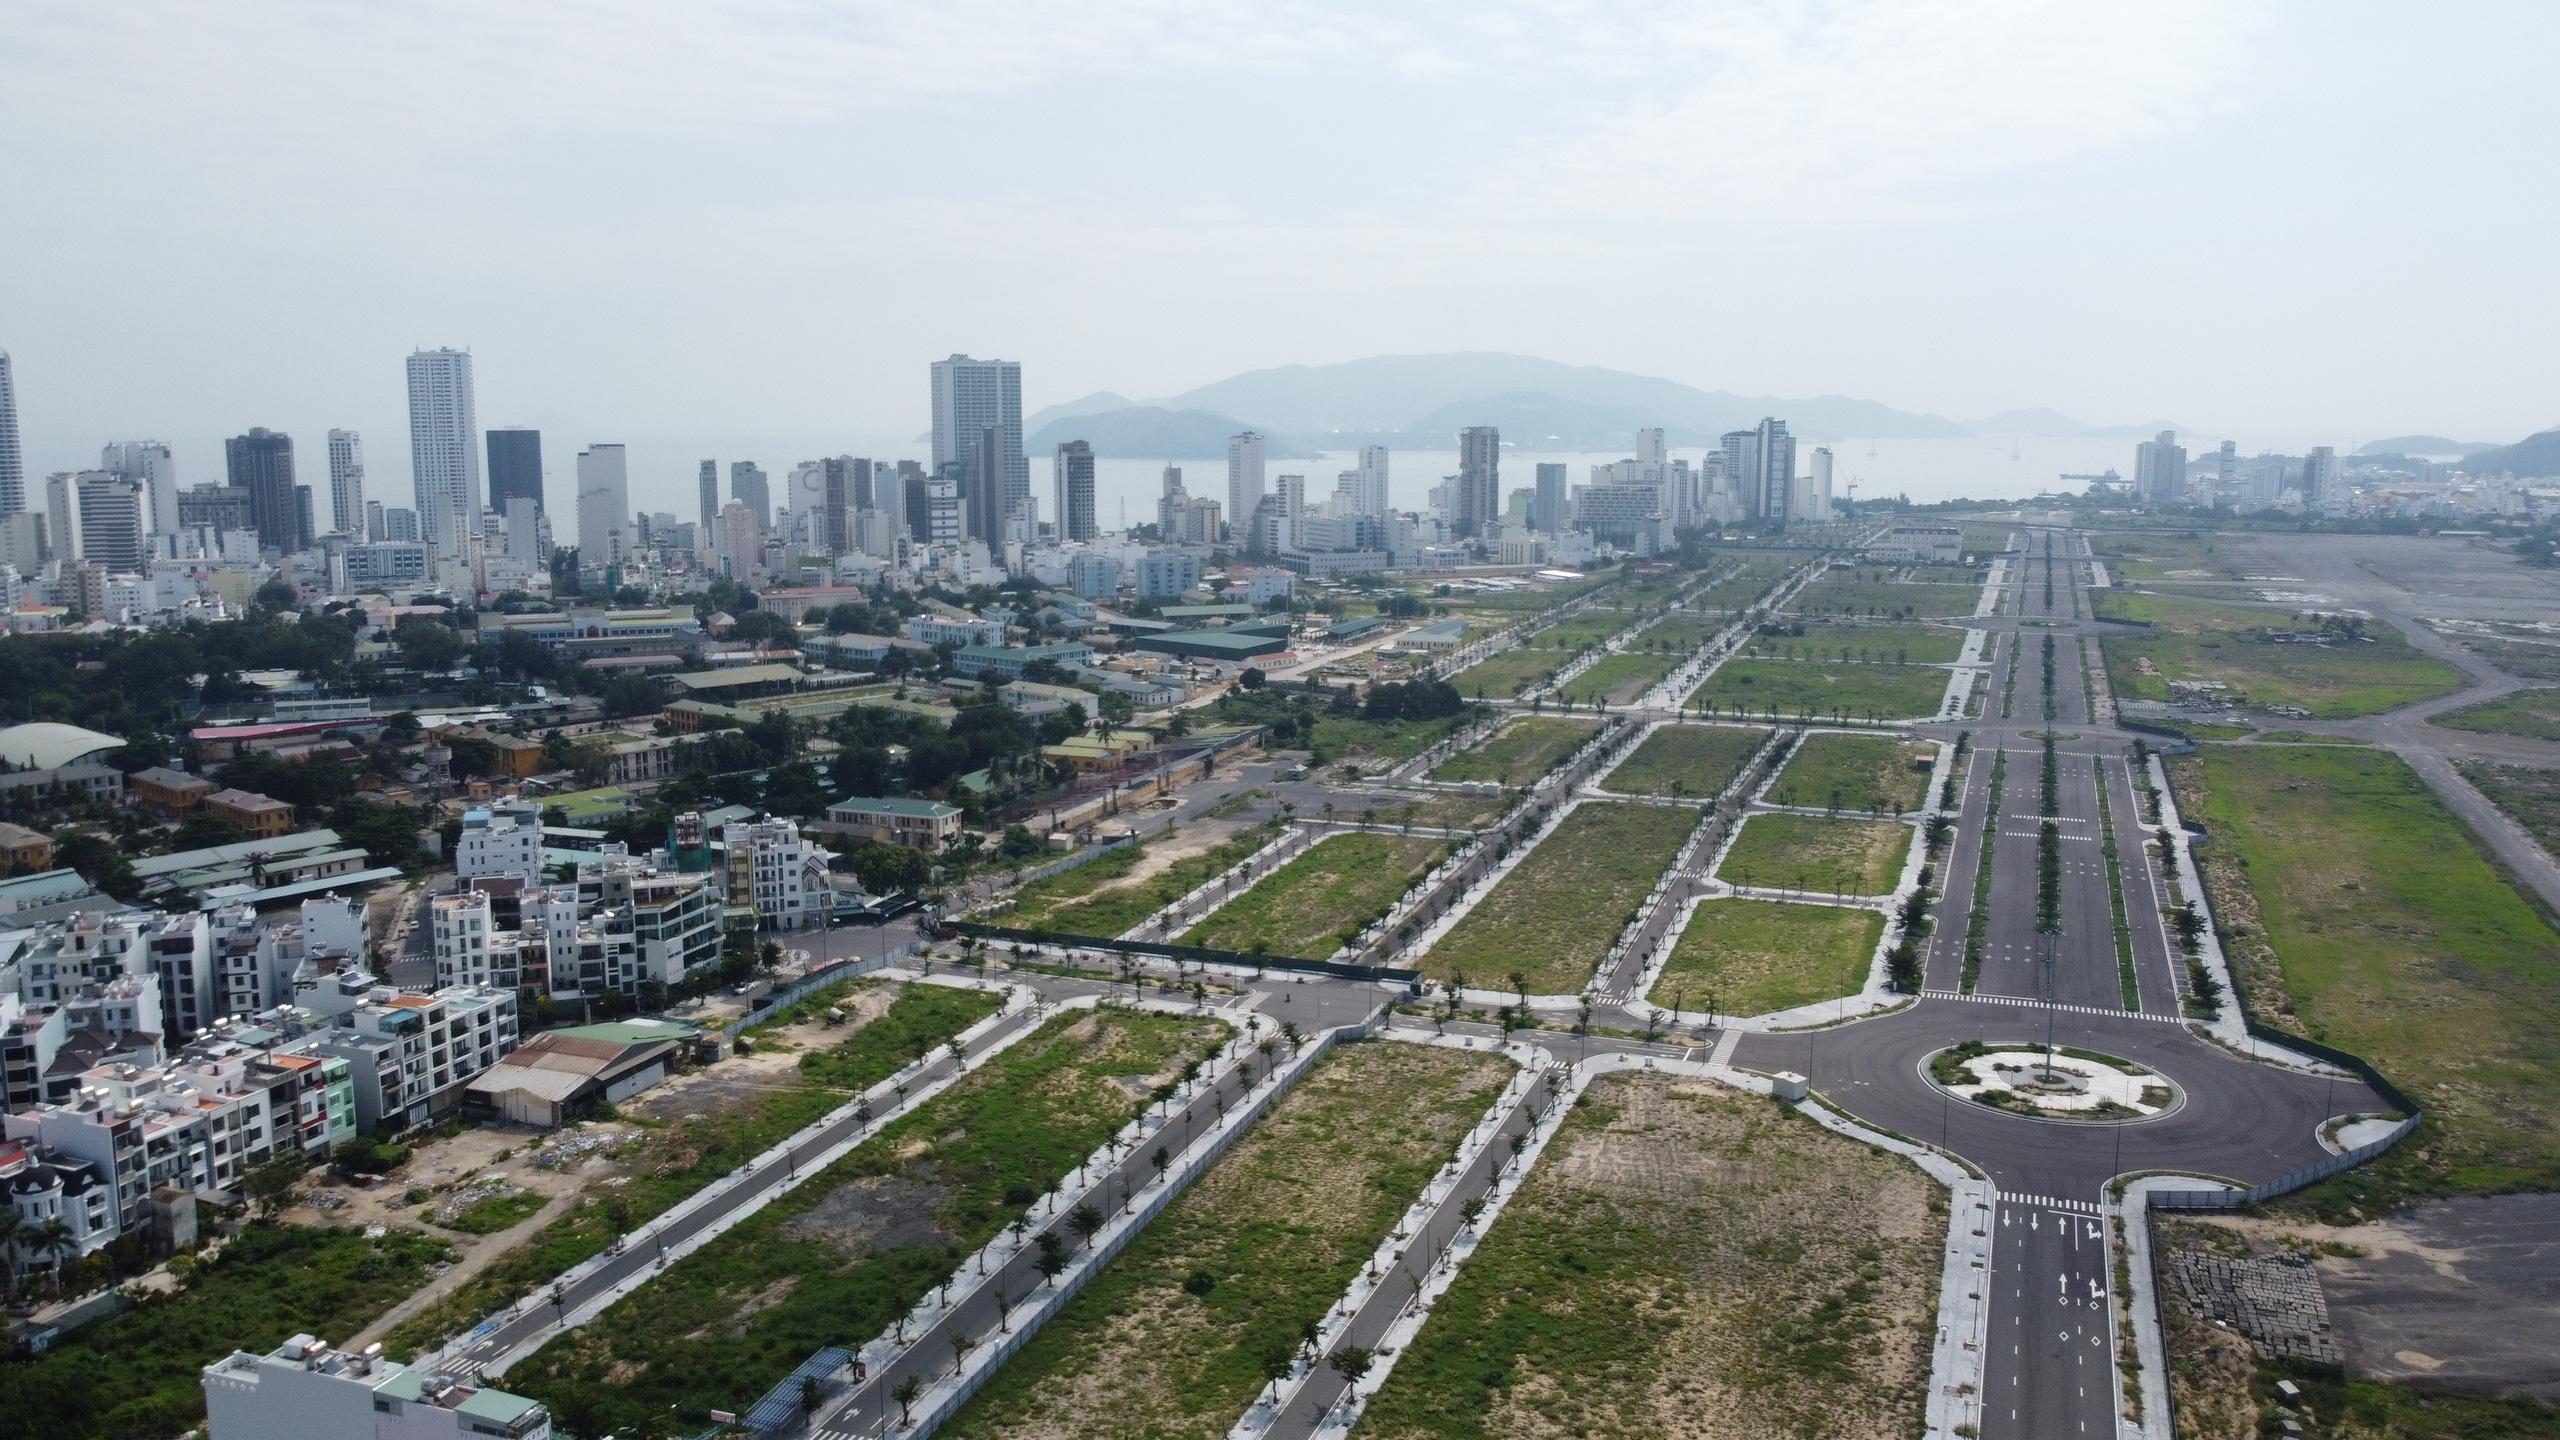 Phúc Sơn nói gì về tiến độ dự án Khu trung tâm đô thị Thương mại dịch vụ - Tài chính – Du lịch Nha Trang - Ảnh 1.